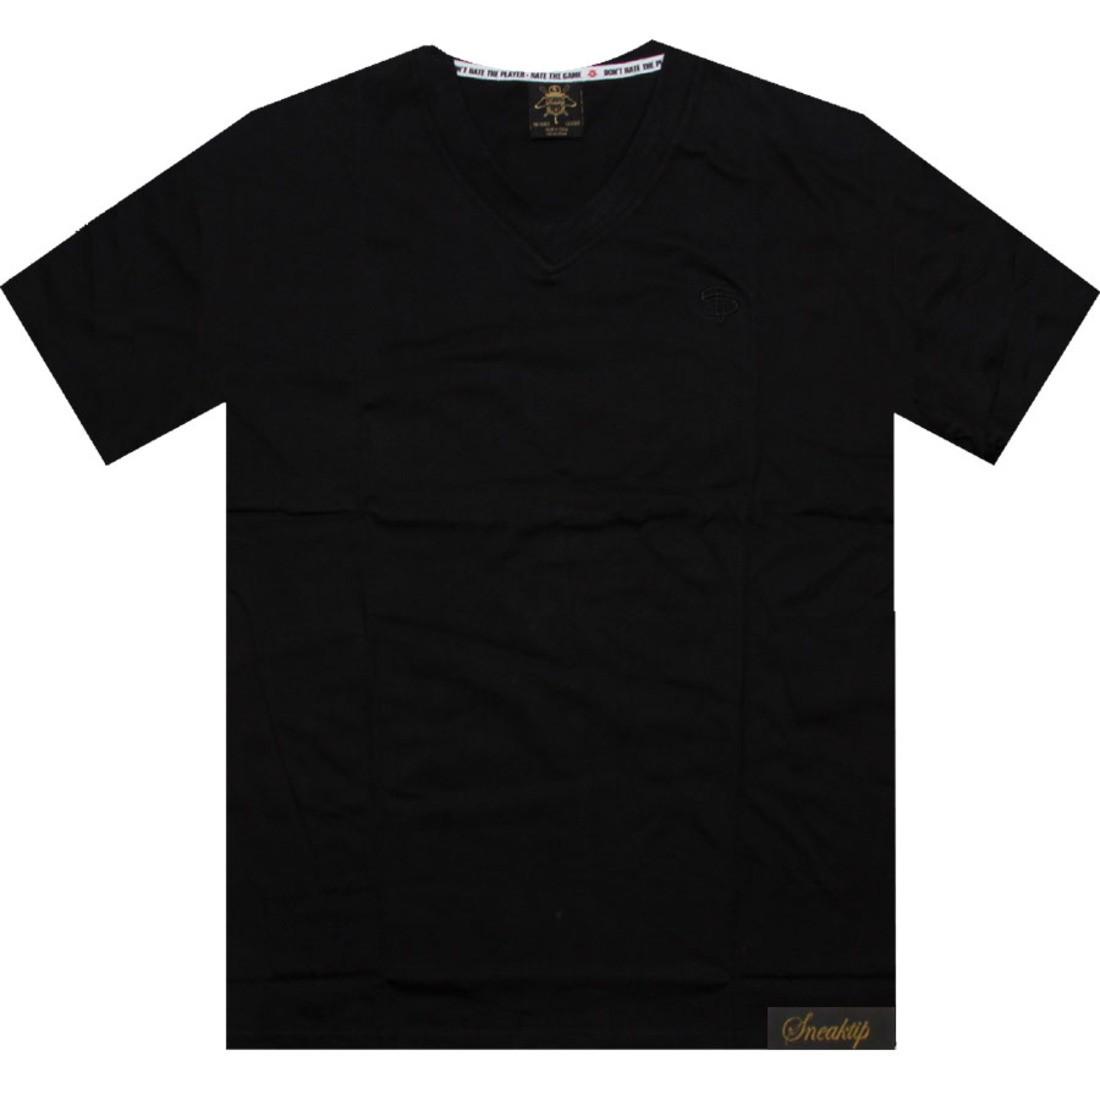 【海外限定】スニークティップ ロゴ ブイネック Tシャツ カットソー メンズファッション 【 SNEAKTIP LOGO VNECK TEE BLACK 】